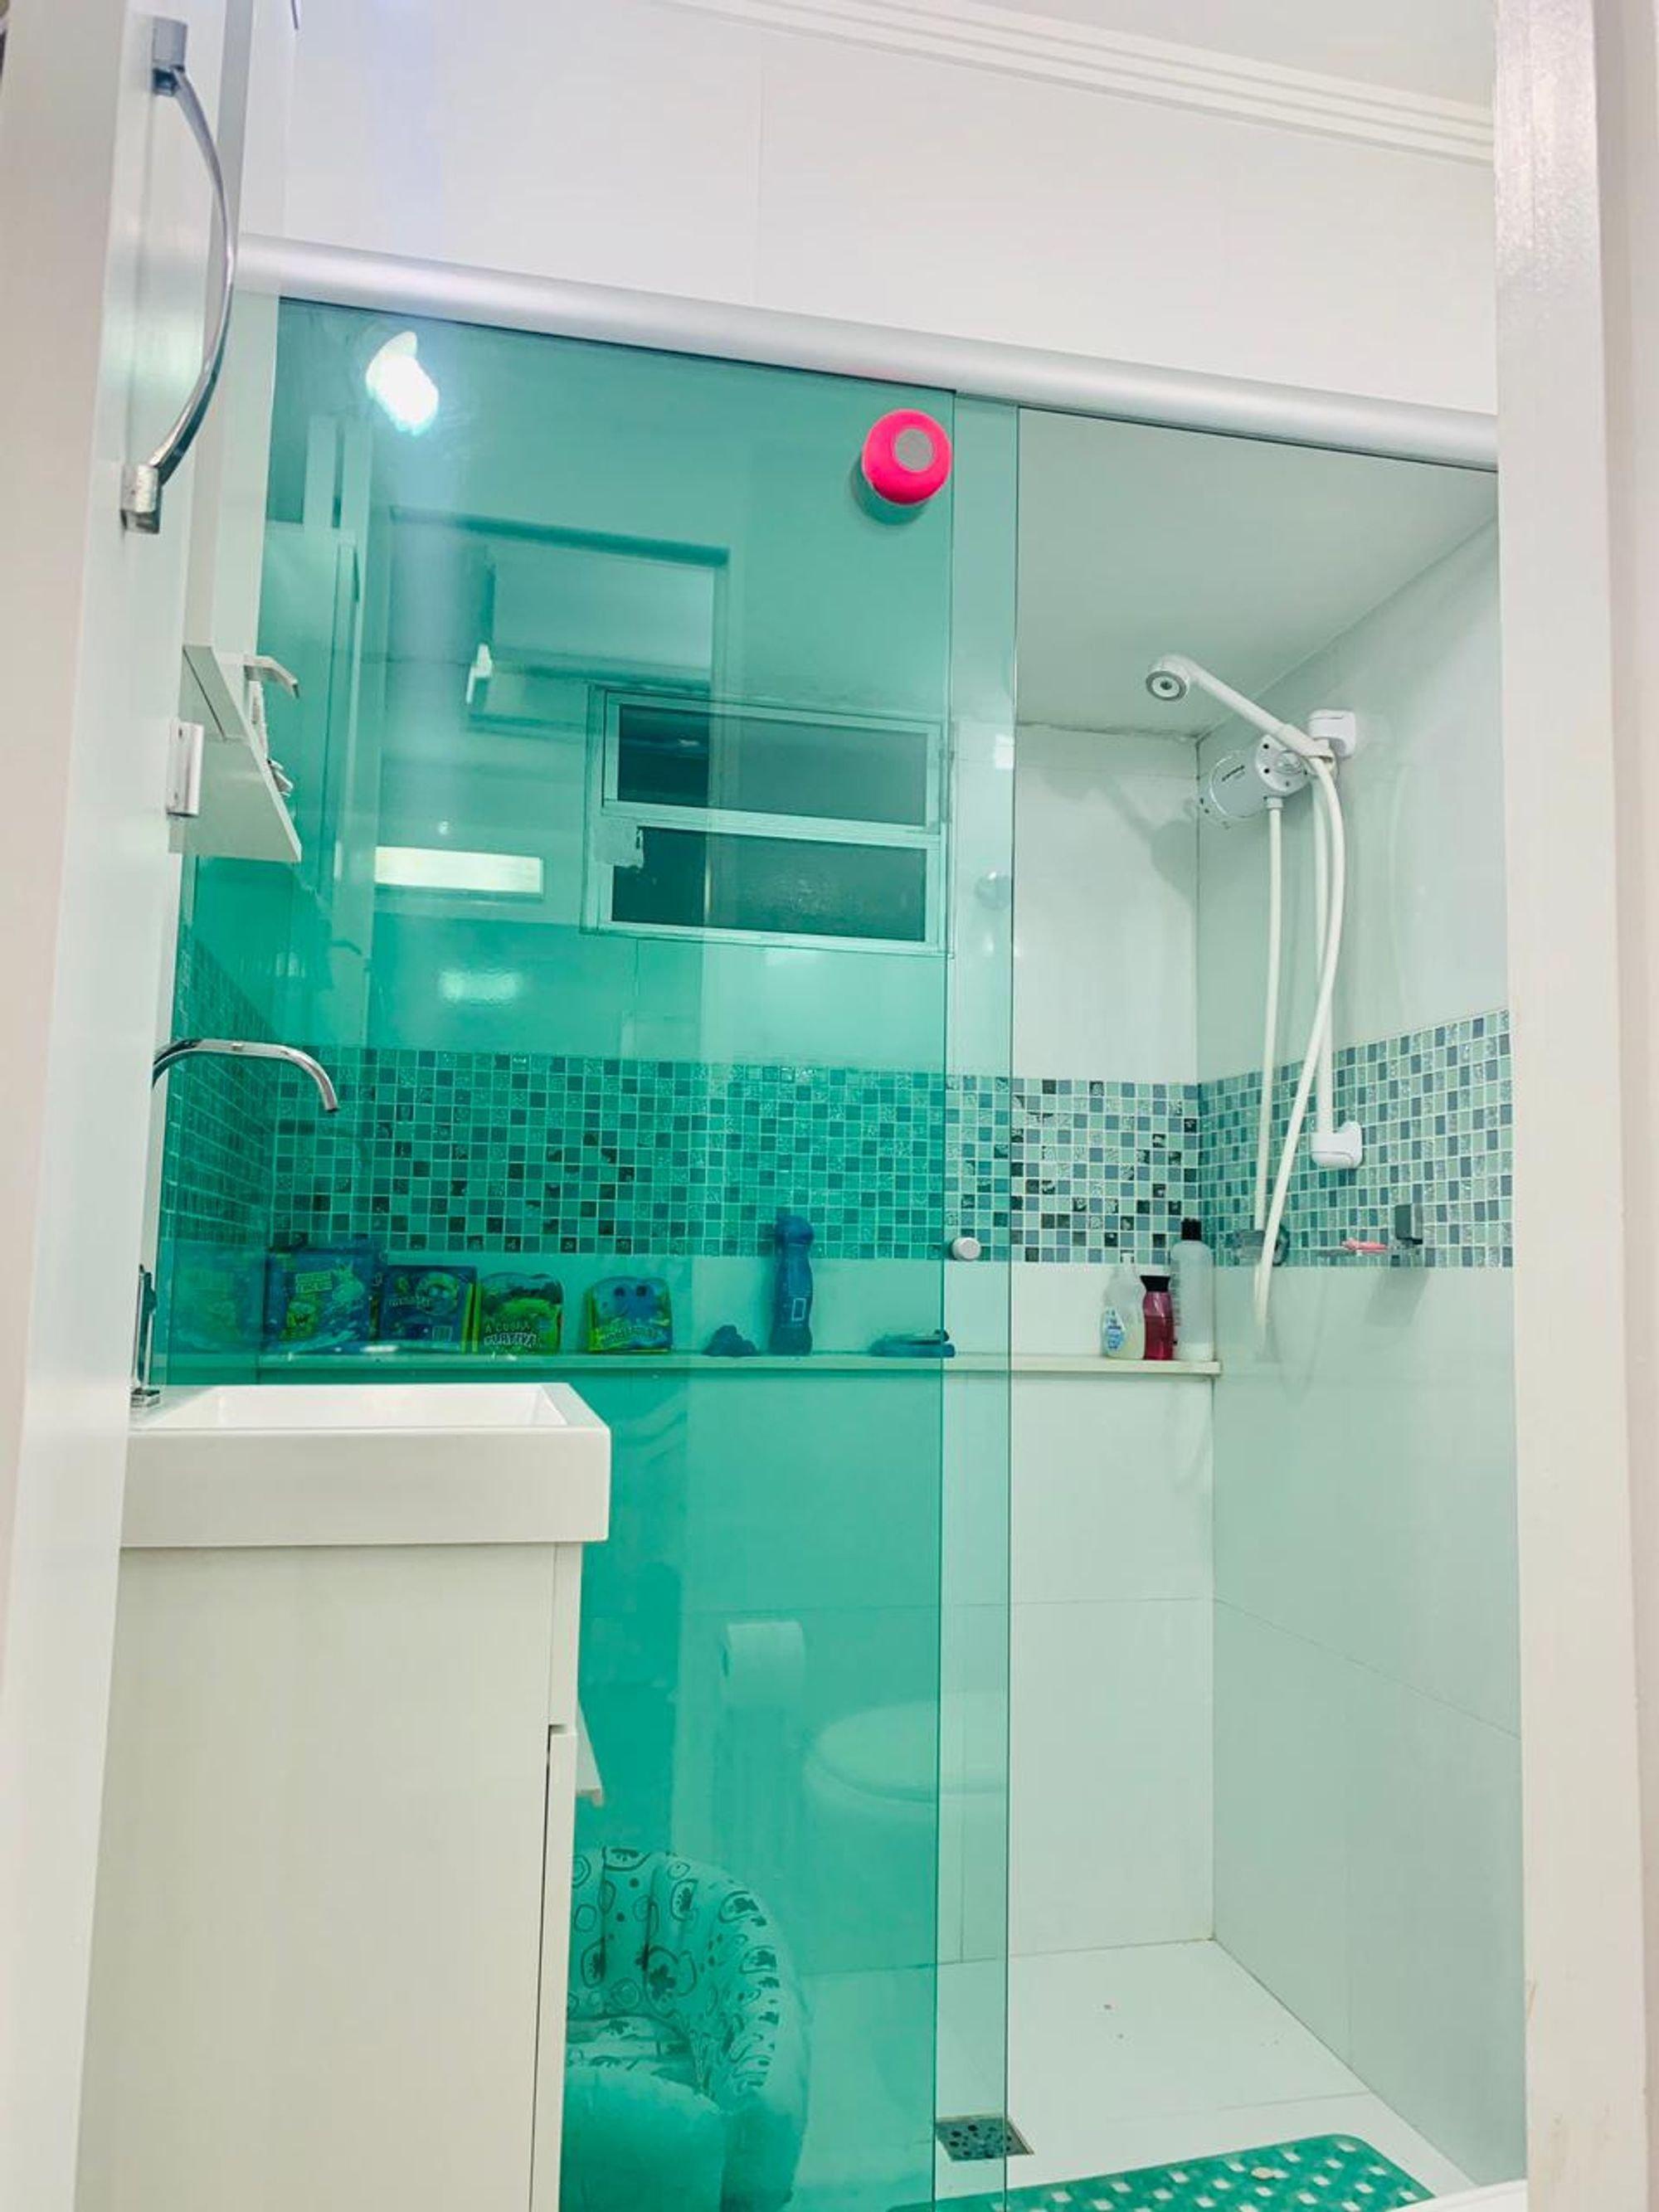 Foto de Banheiro com bola de esportes, garrafa